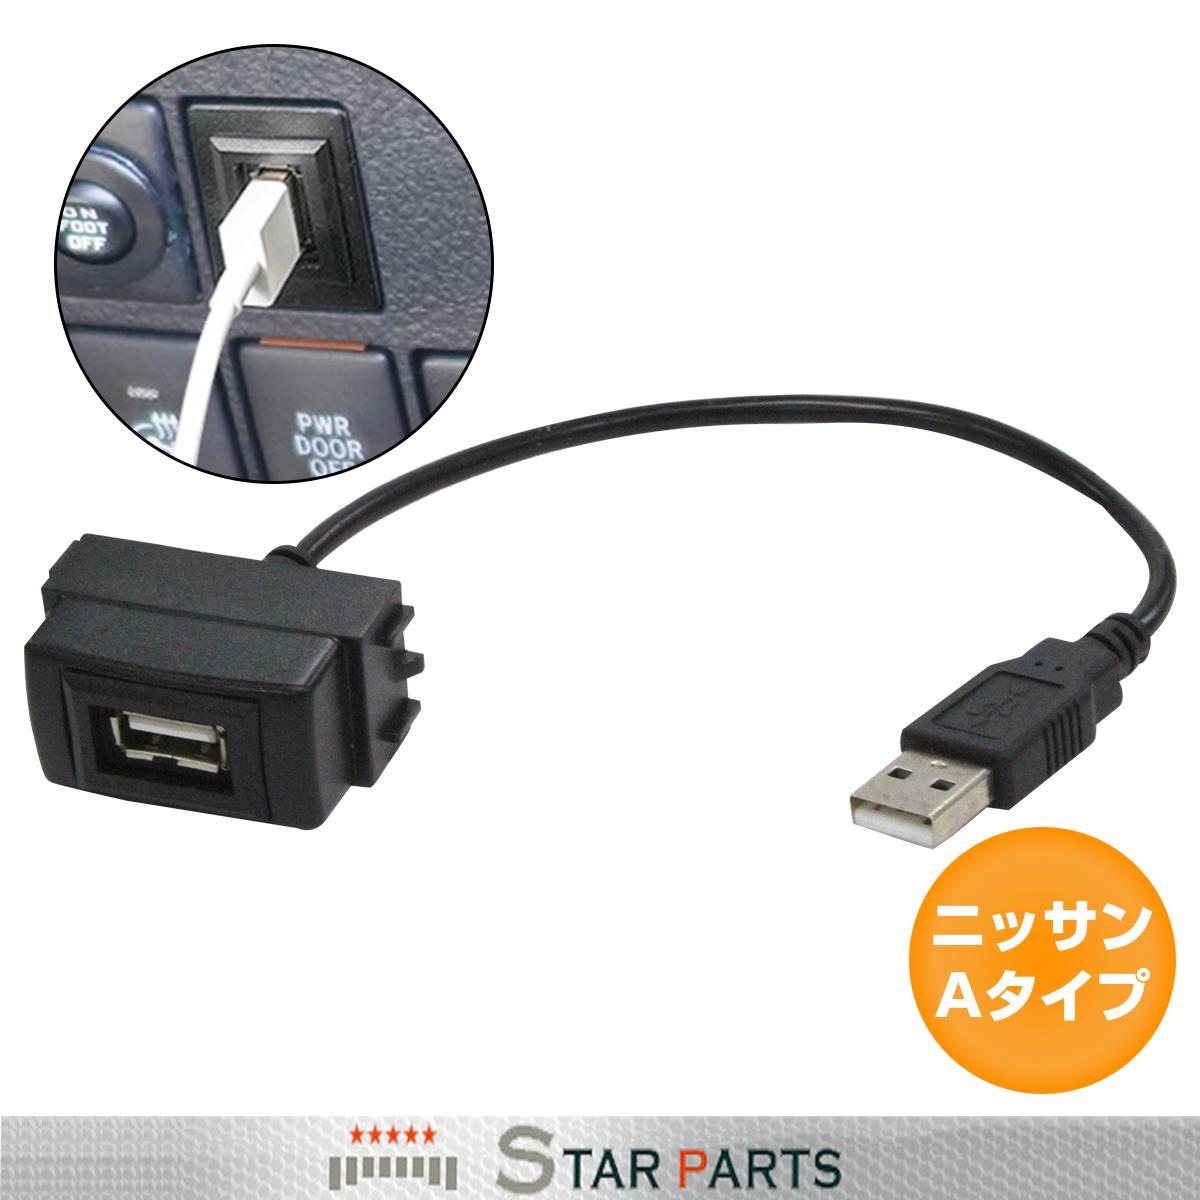 【ニッサンAタイプ】 セレナ C25 H17.5~H22.11 純正風♪ USB接続通信パネル 配線付 USB1ポート 埋め込み 増設USBケーブル 2.1A 12V_画像1